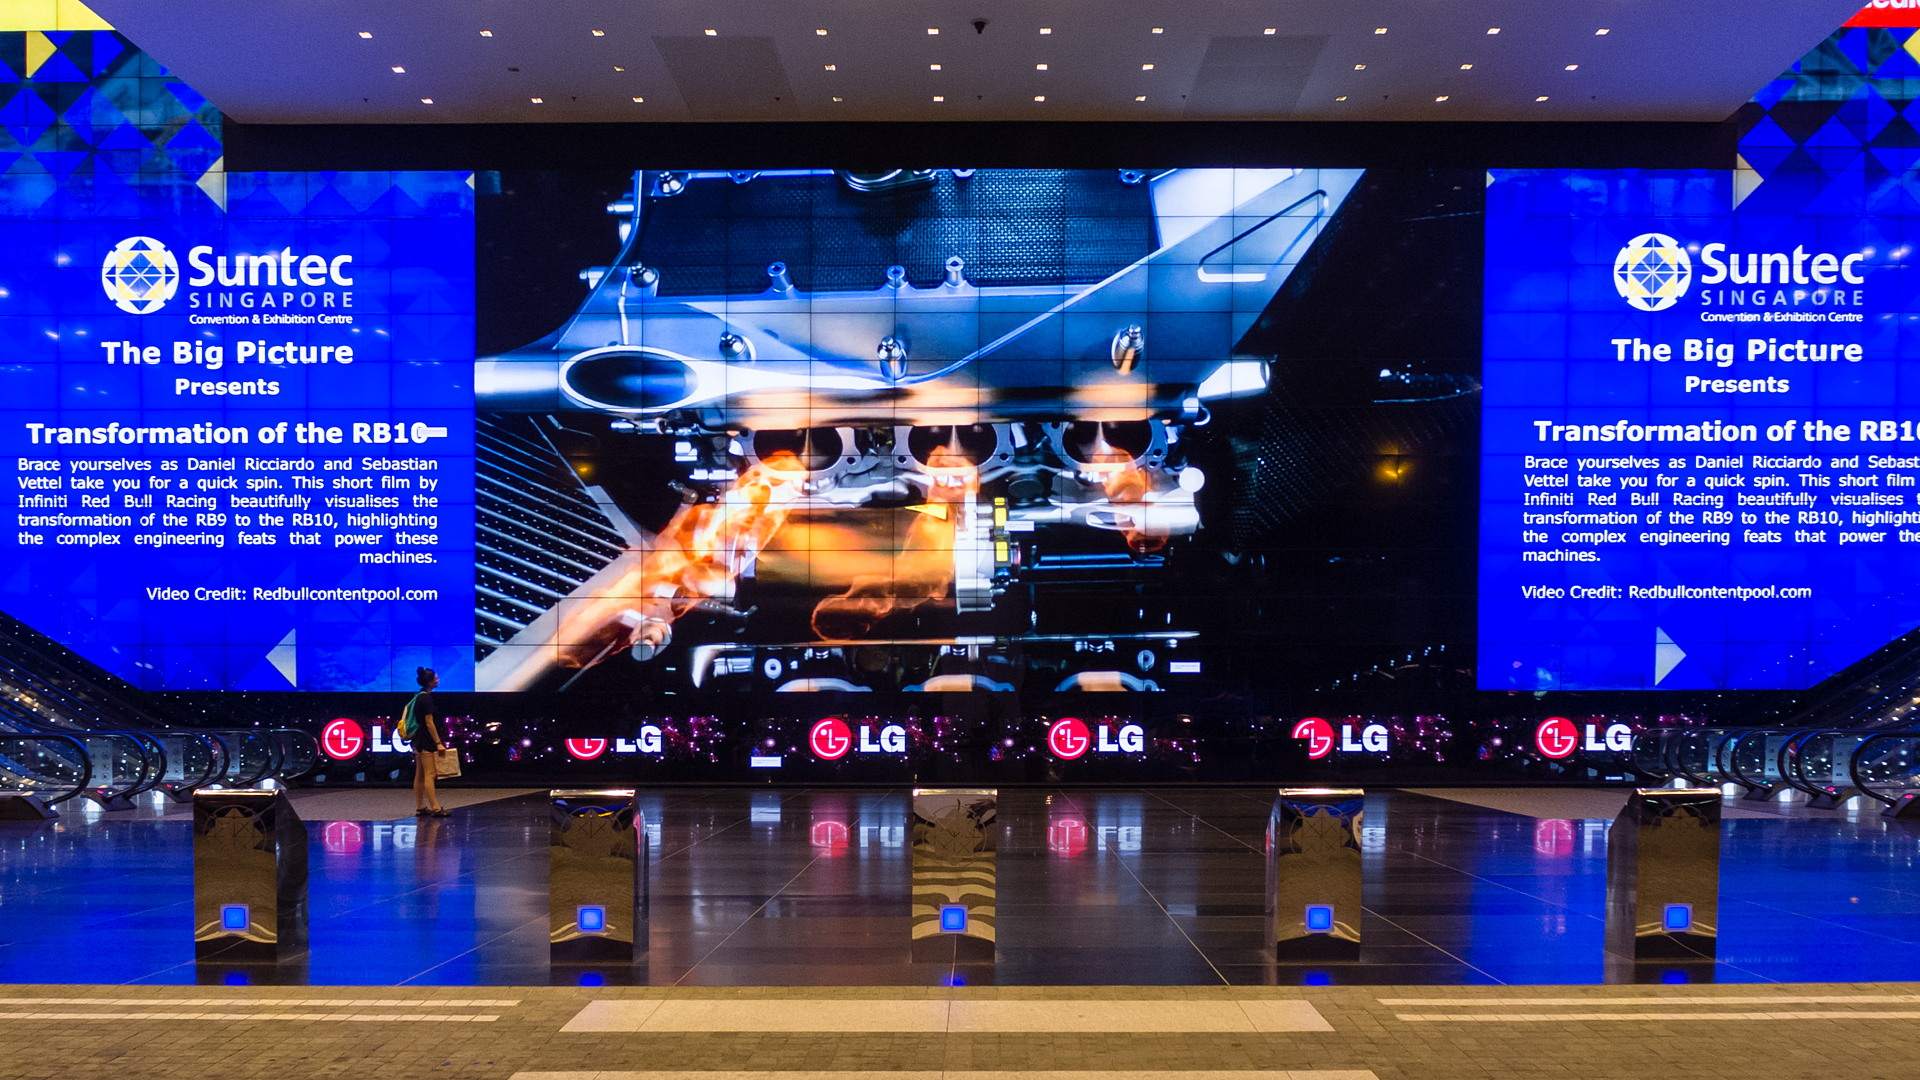 Торговый центр Suntec City Mall, Сингапур